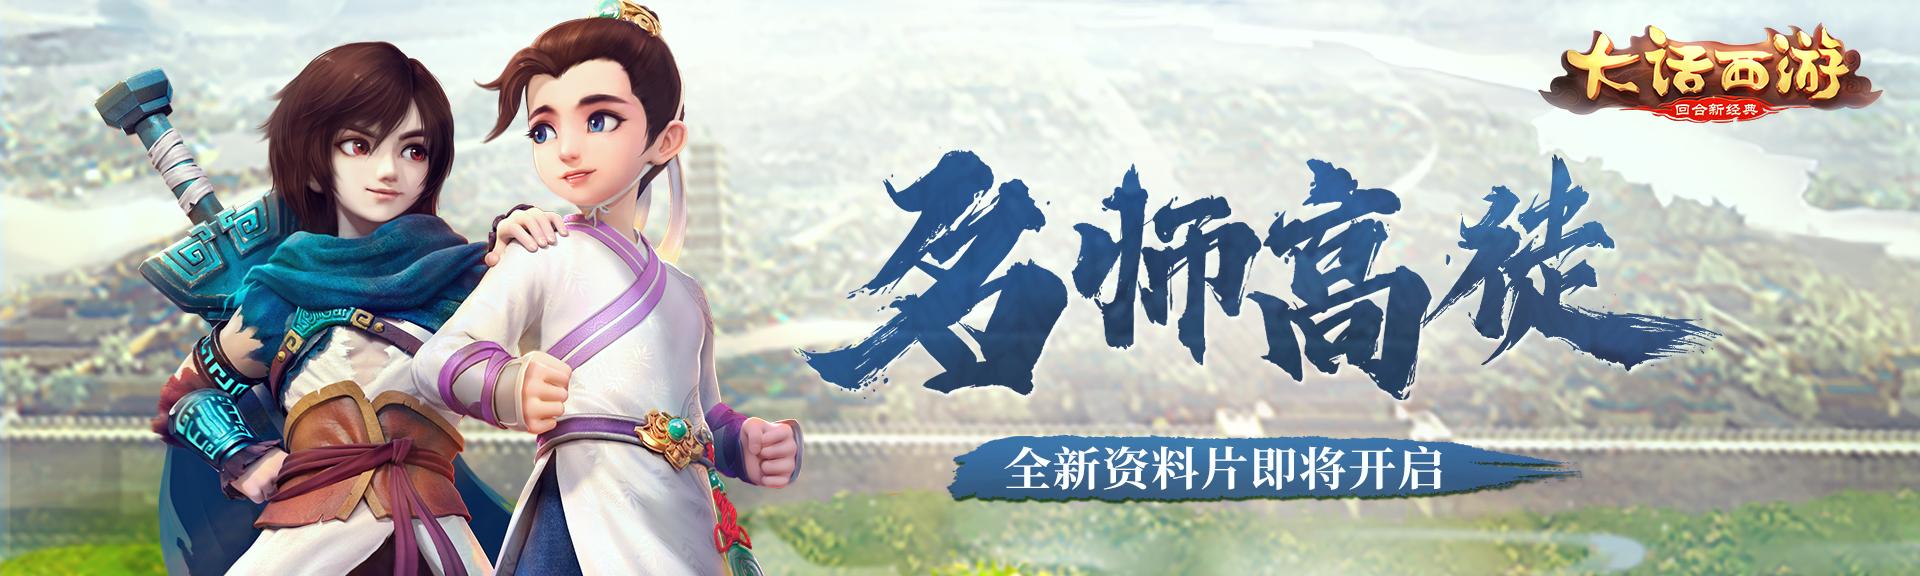 名师高徒 大话西游手游全新资料片即将于4月上线